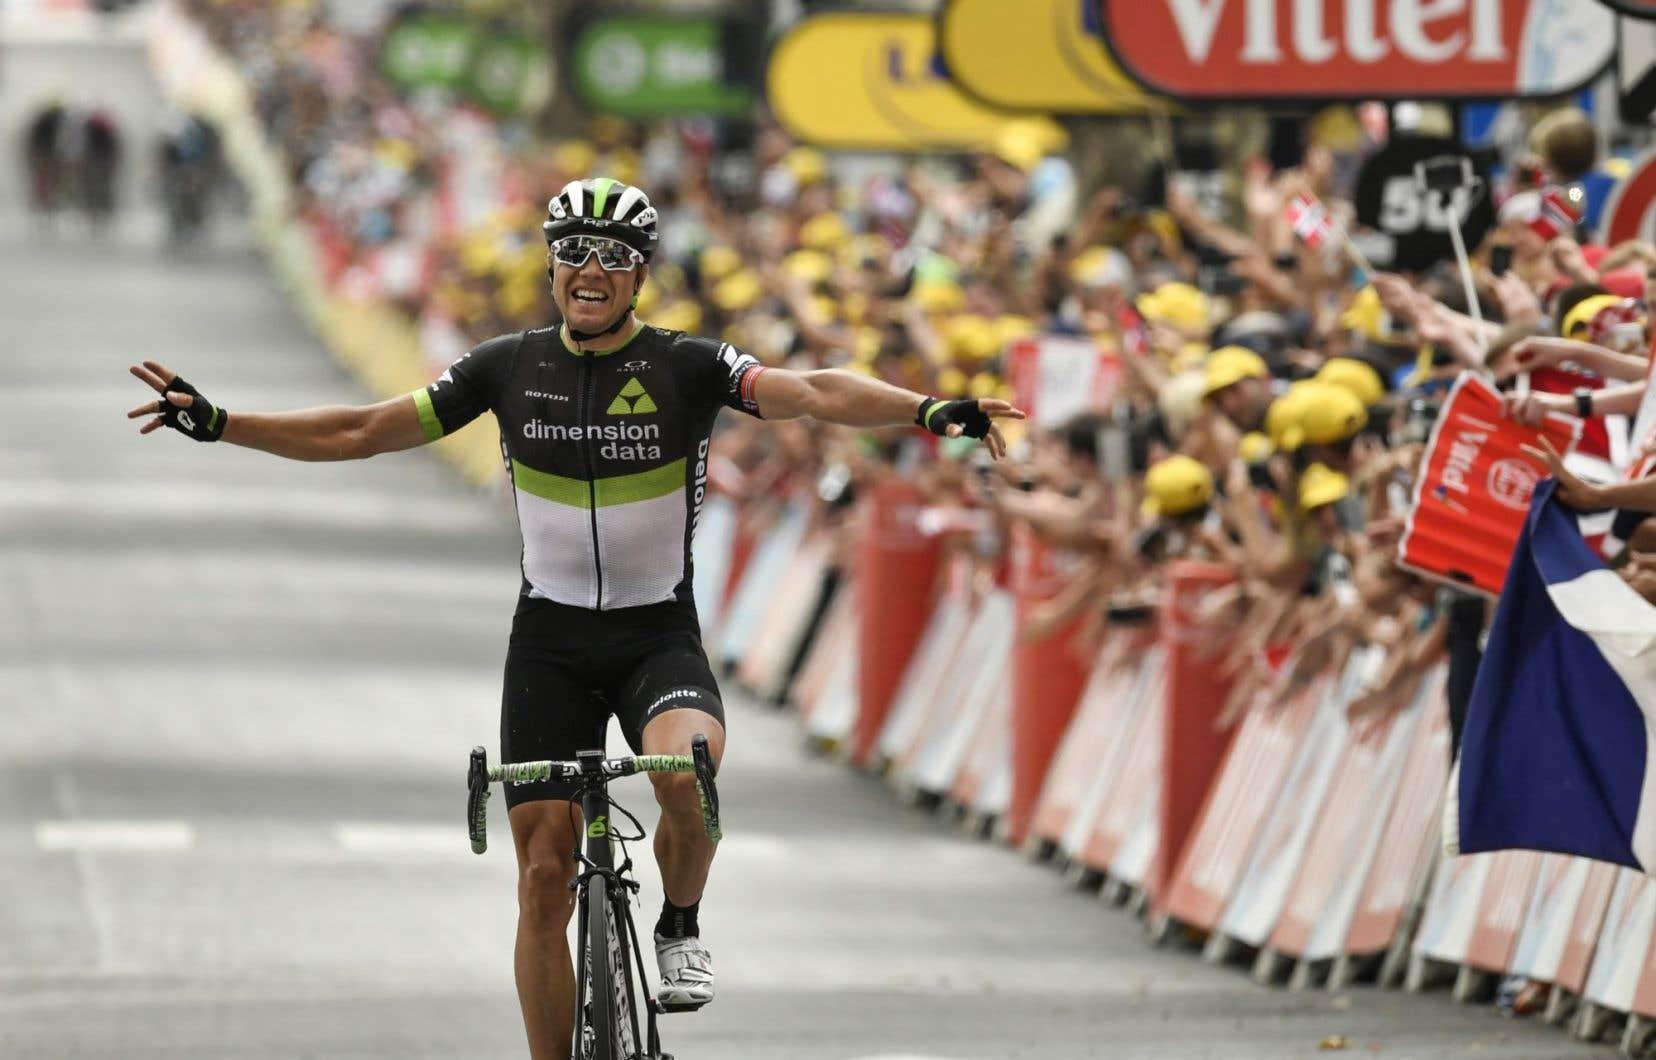 En prenant une meilleure trajectoire dans un rond-point à 3 kilomètres de l'arrivée, Boasson Hagen a surpris ses compagnons d'échappée pour enlever son premier succès dans le Tour 2017.